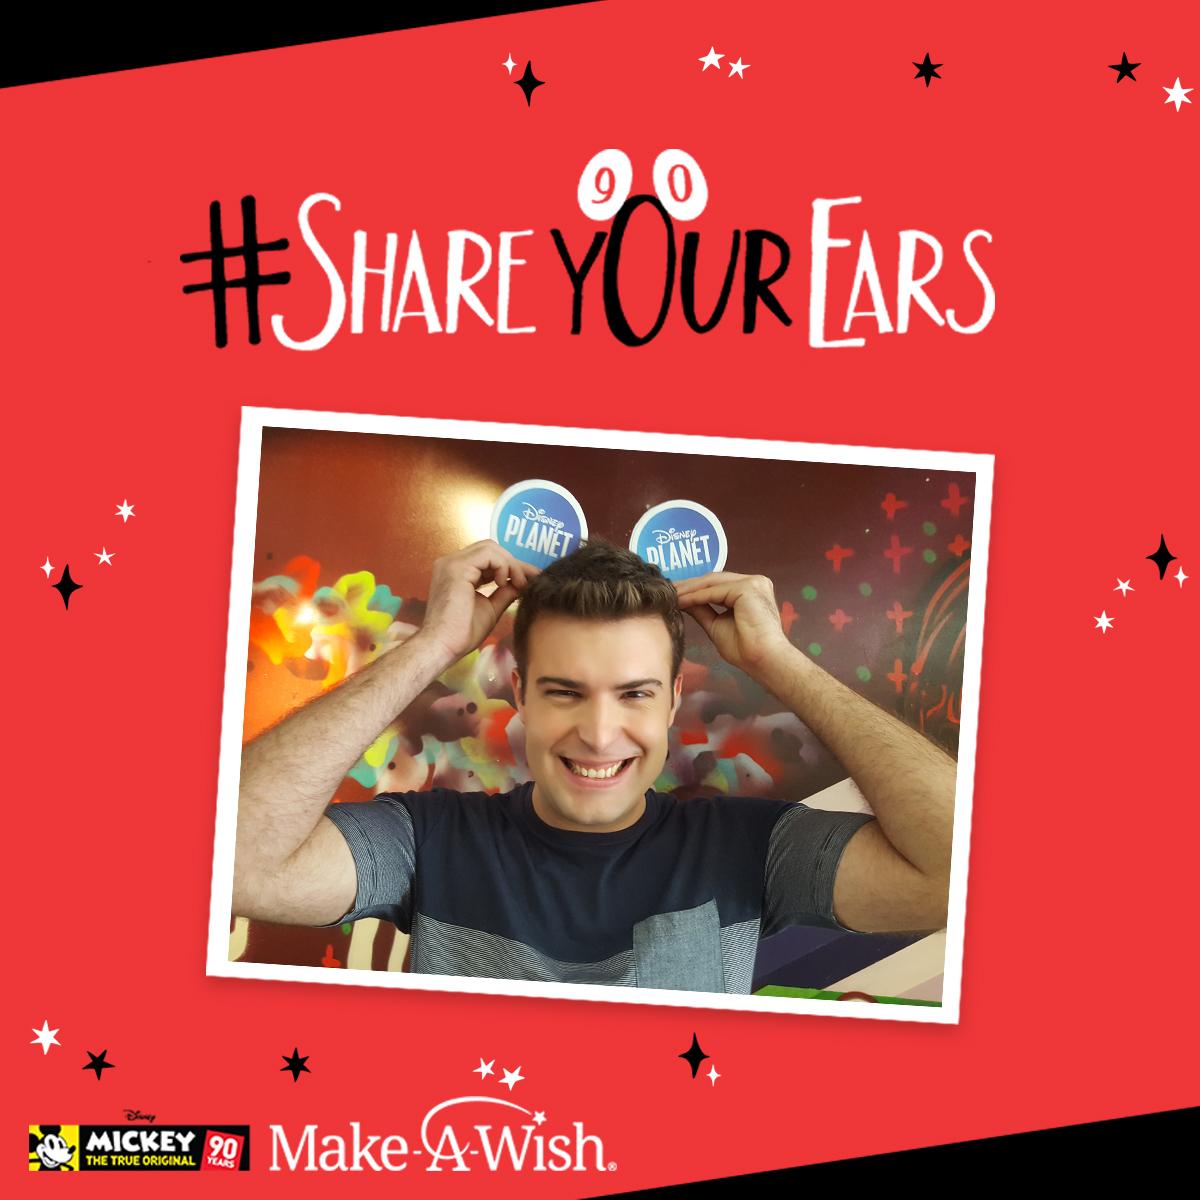 """The Walt Disney Company y Make-A-Wish® invitan a los fans a participar en la campaña """"Share Your Ears"""" para colaborar cumpliendo deseos en el marco del 90 aniversario de Mickey Mouse"""